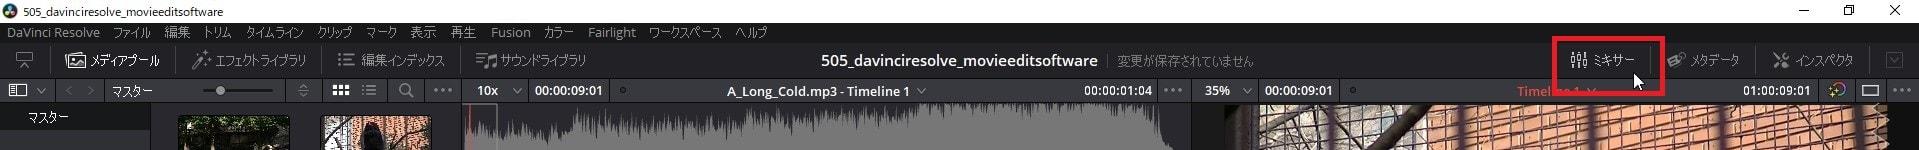 ミキサーで音量長をする方法 DaVinci Resolve動画編集ソフト